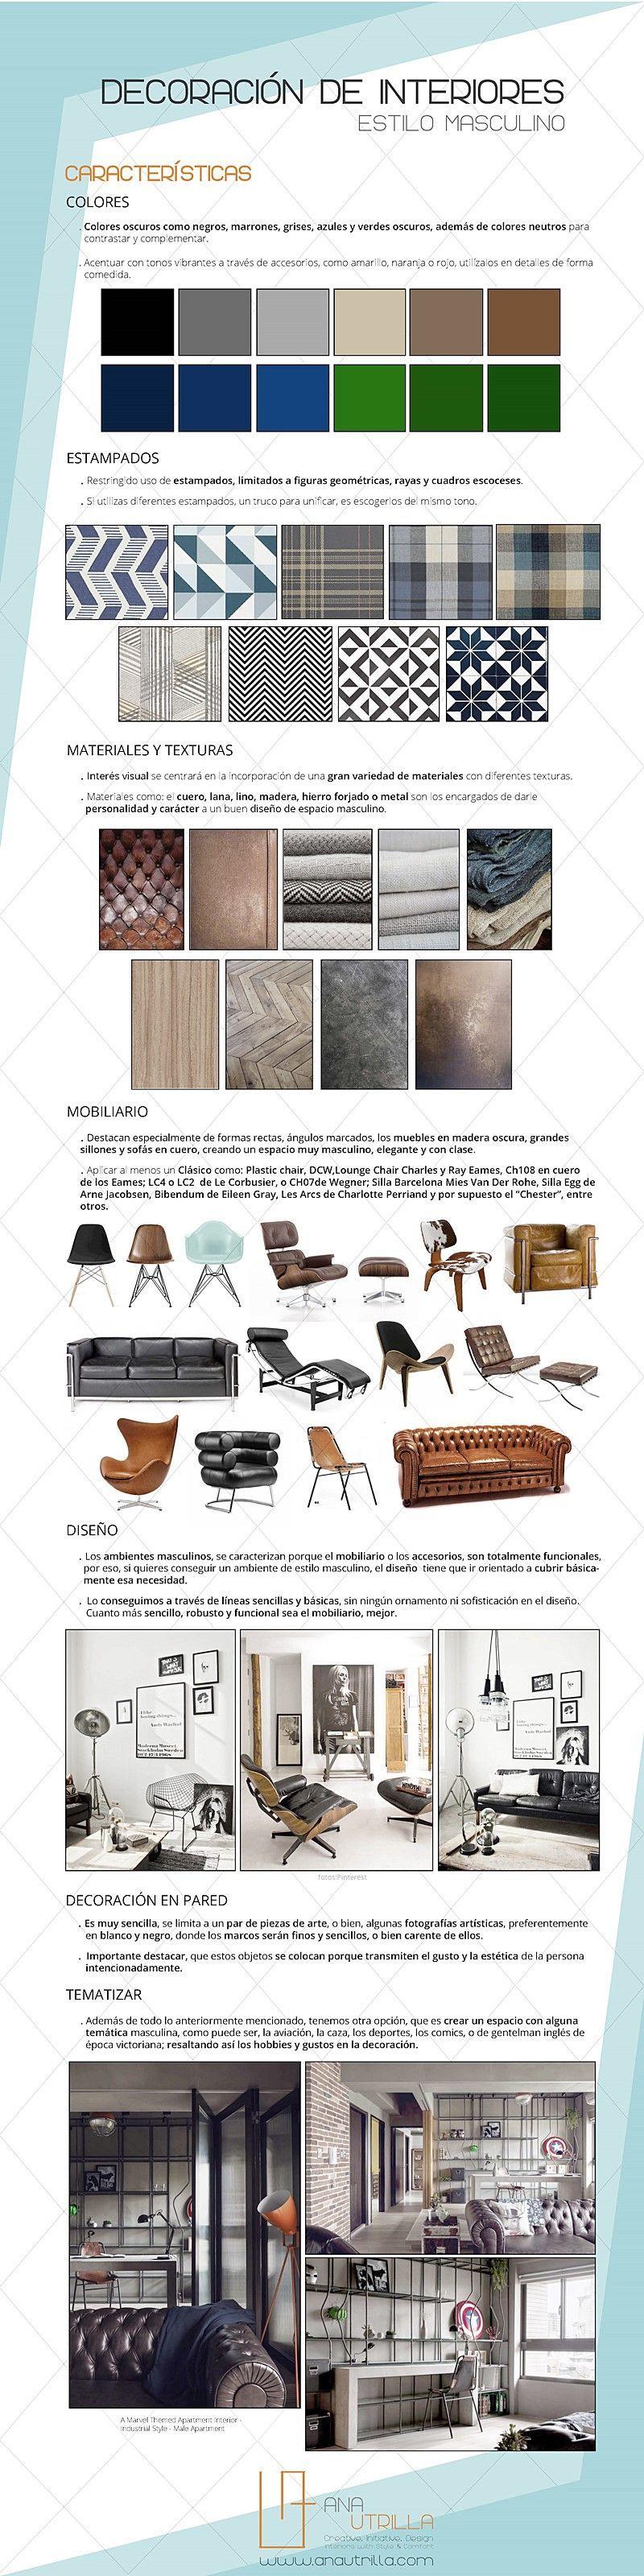 Infografía resumen de las características principales del estilo masculino por Ana Utrilla